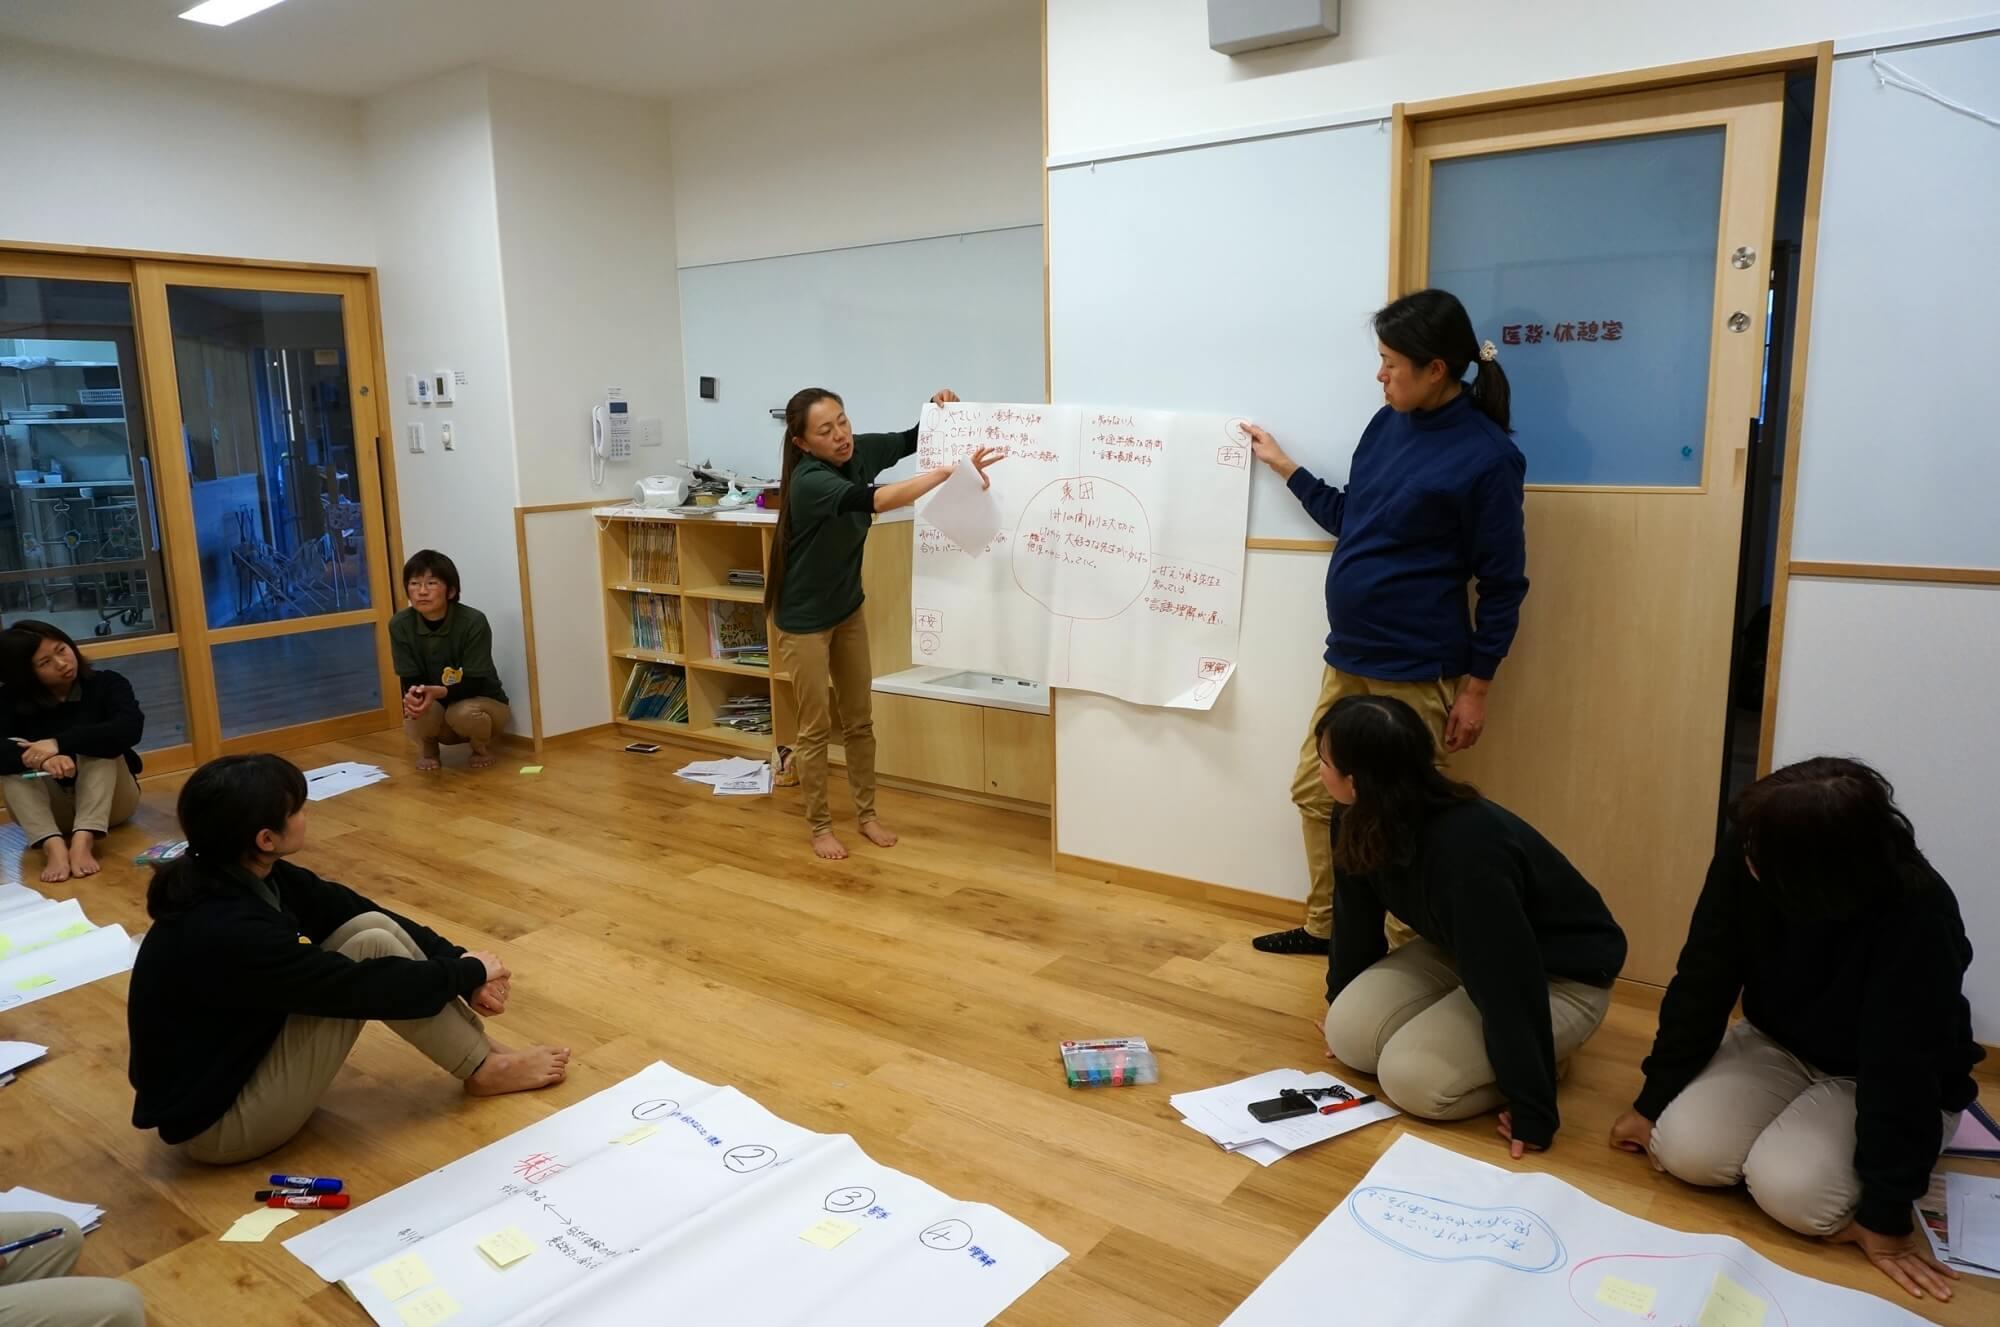 グループワークの発表をする職員たち